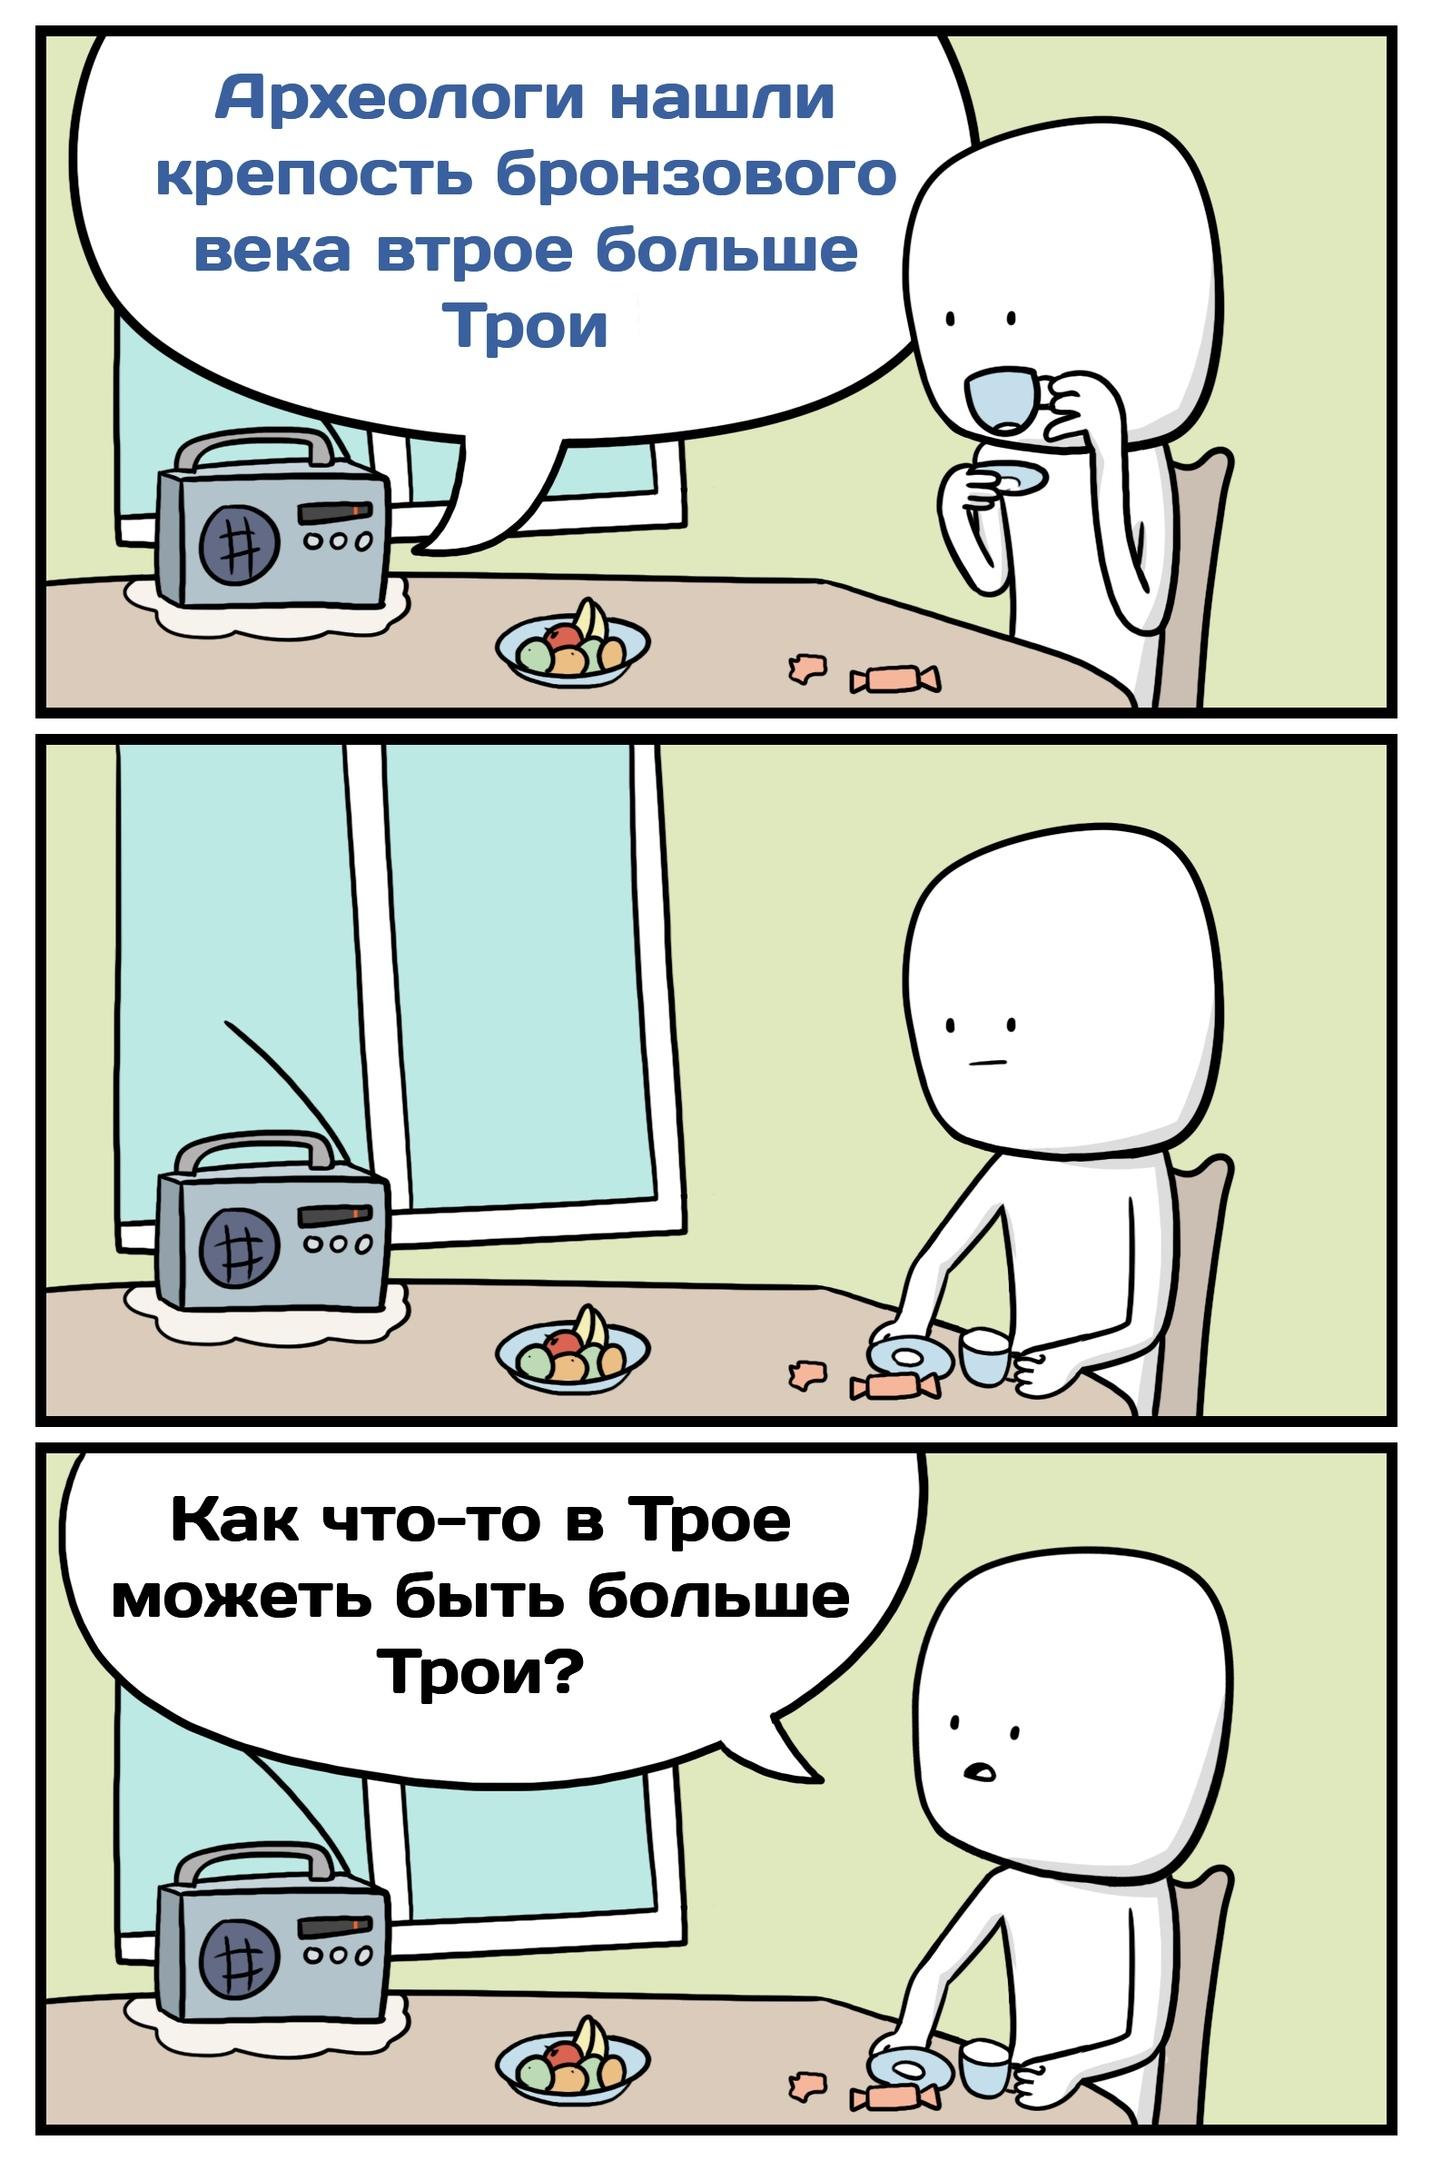 Обои by Aleksandr Kuskov, Valkyrie A, валькирия, Aleksandr Kuskov, valkyrie, рисунок. Разное foto 6